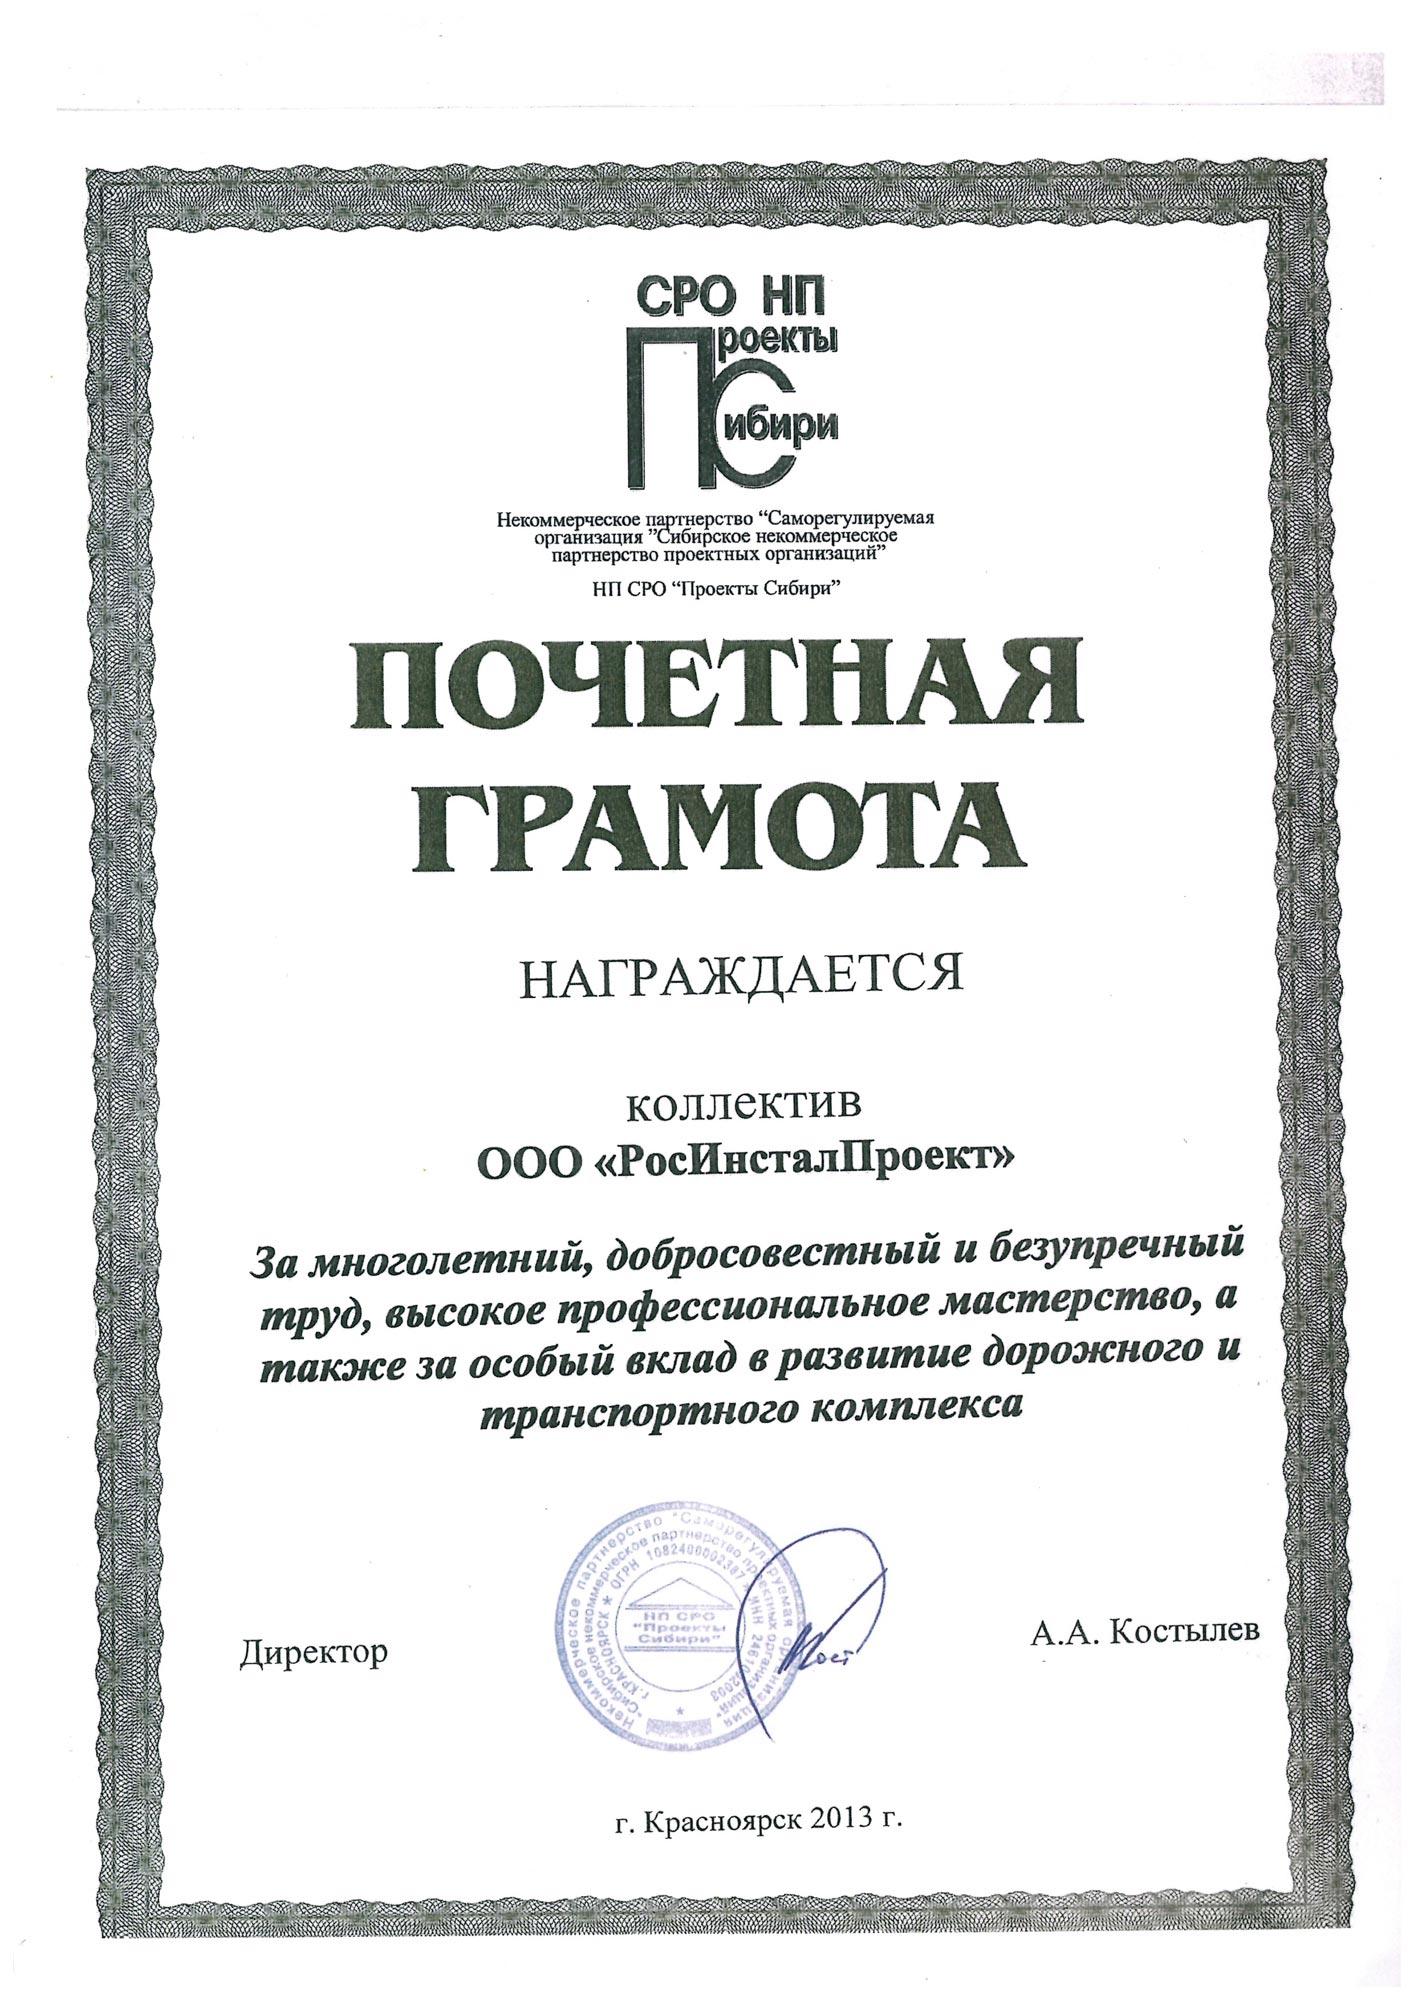 сибирского некоммерческого партнерства проектных организаций